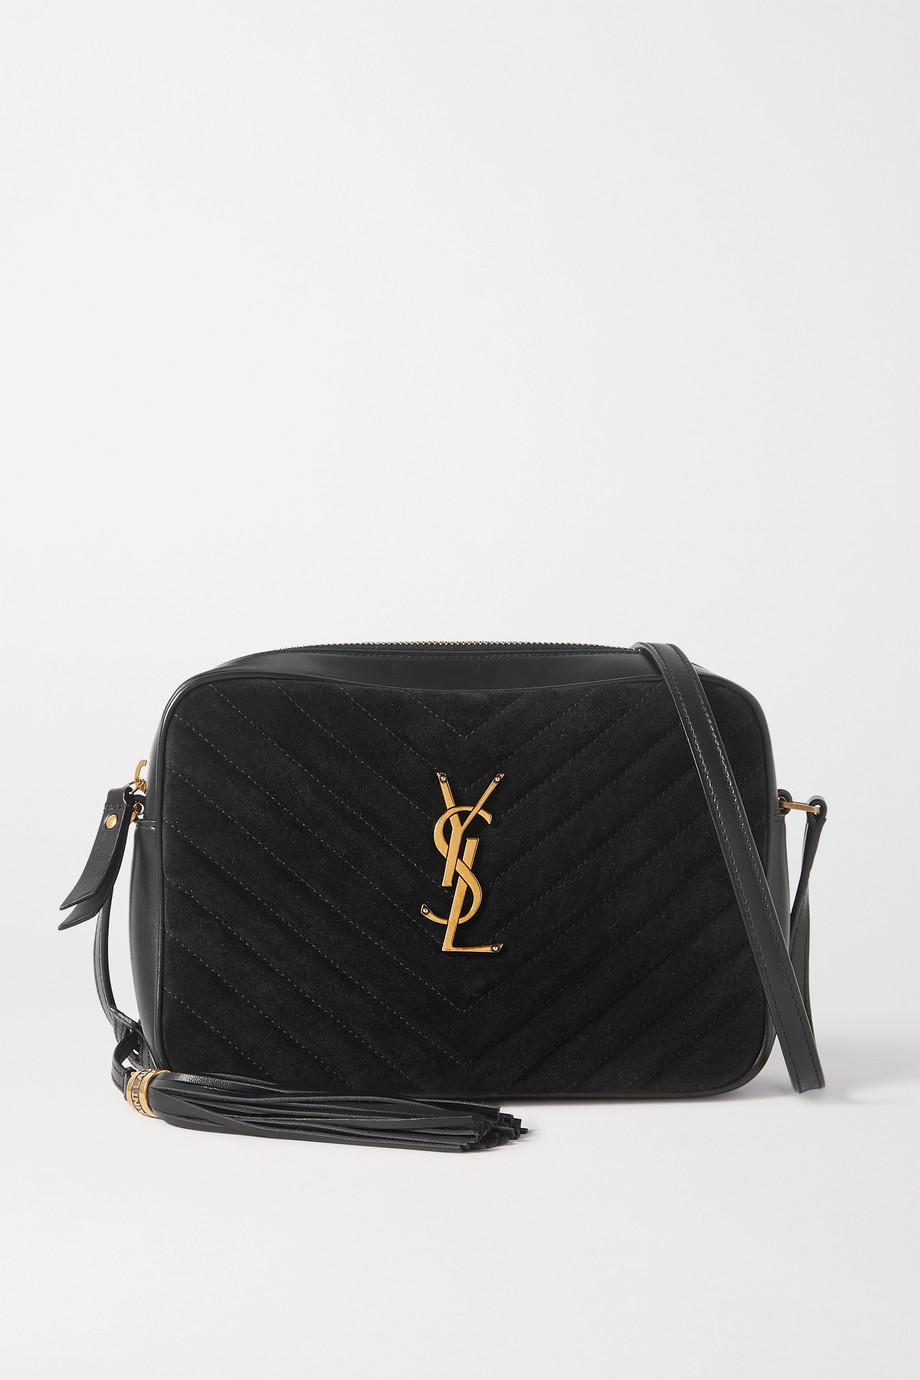 생 로랑 루 카메라백 - 퀼팅스웨이드/블랙 Saint Laurent Lou quilted suede and leather shoulder bag,Black